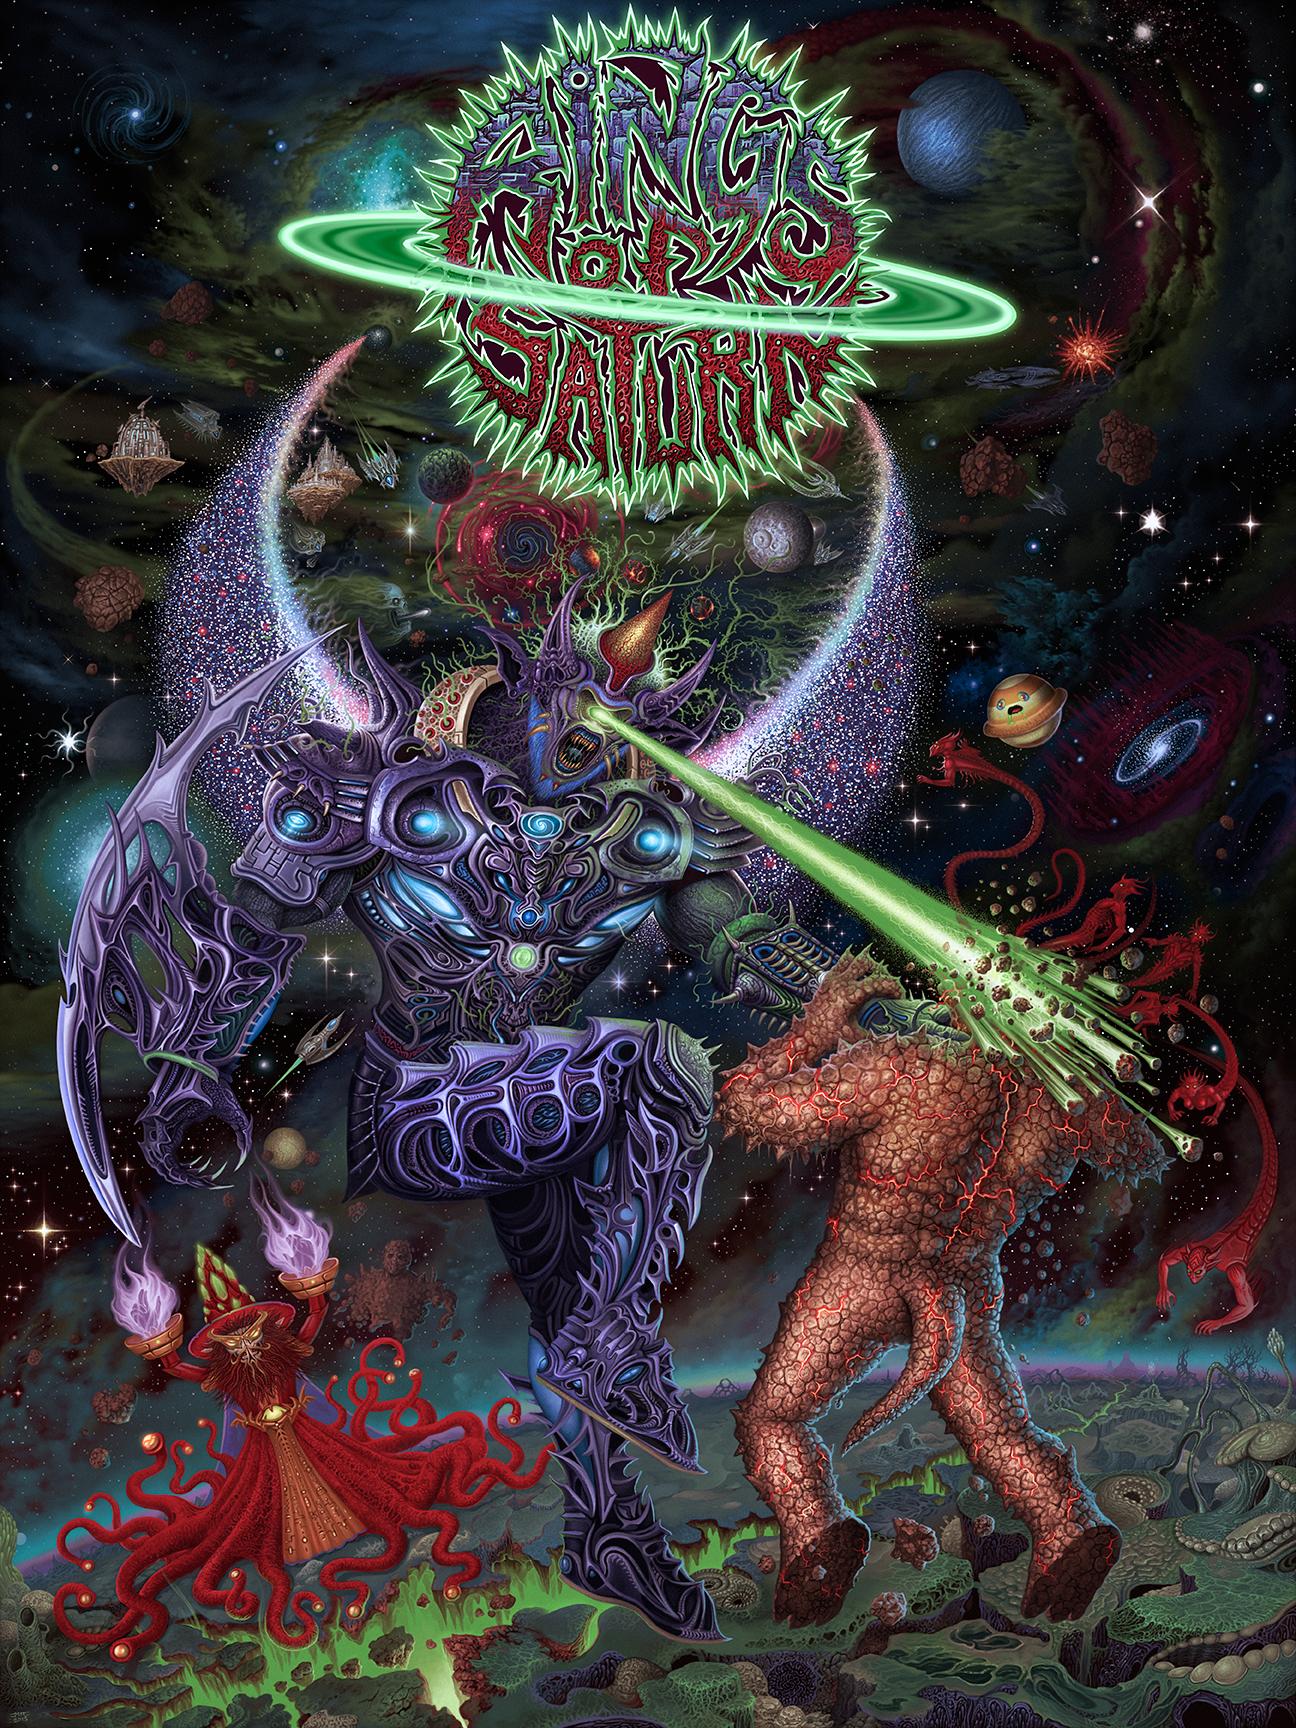 ROS_cyclops_2015